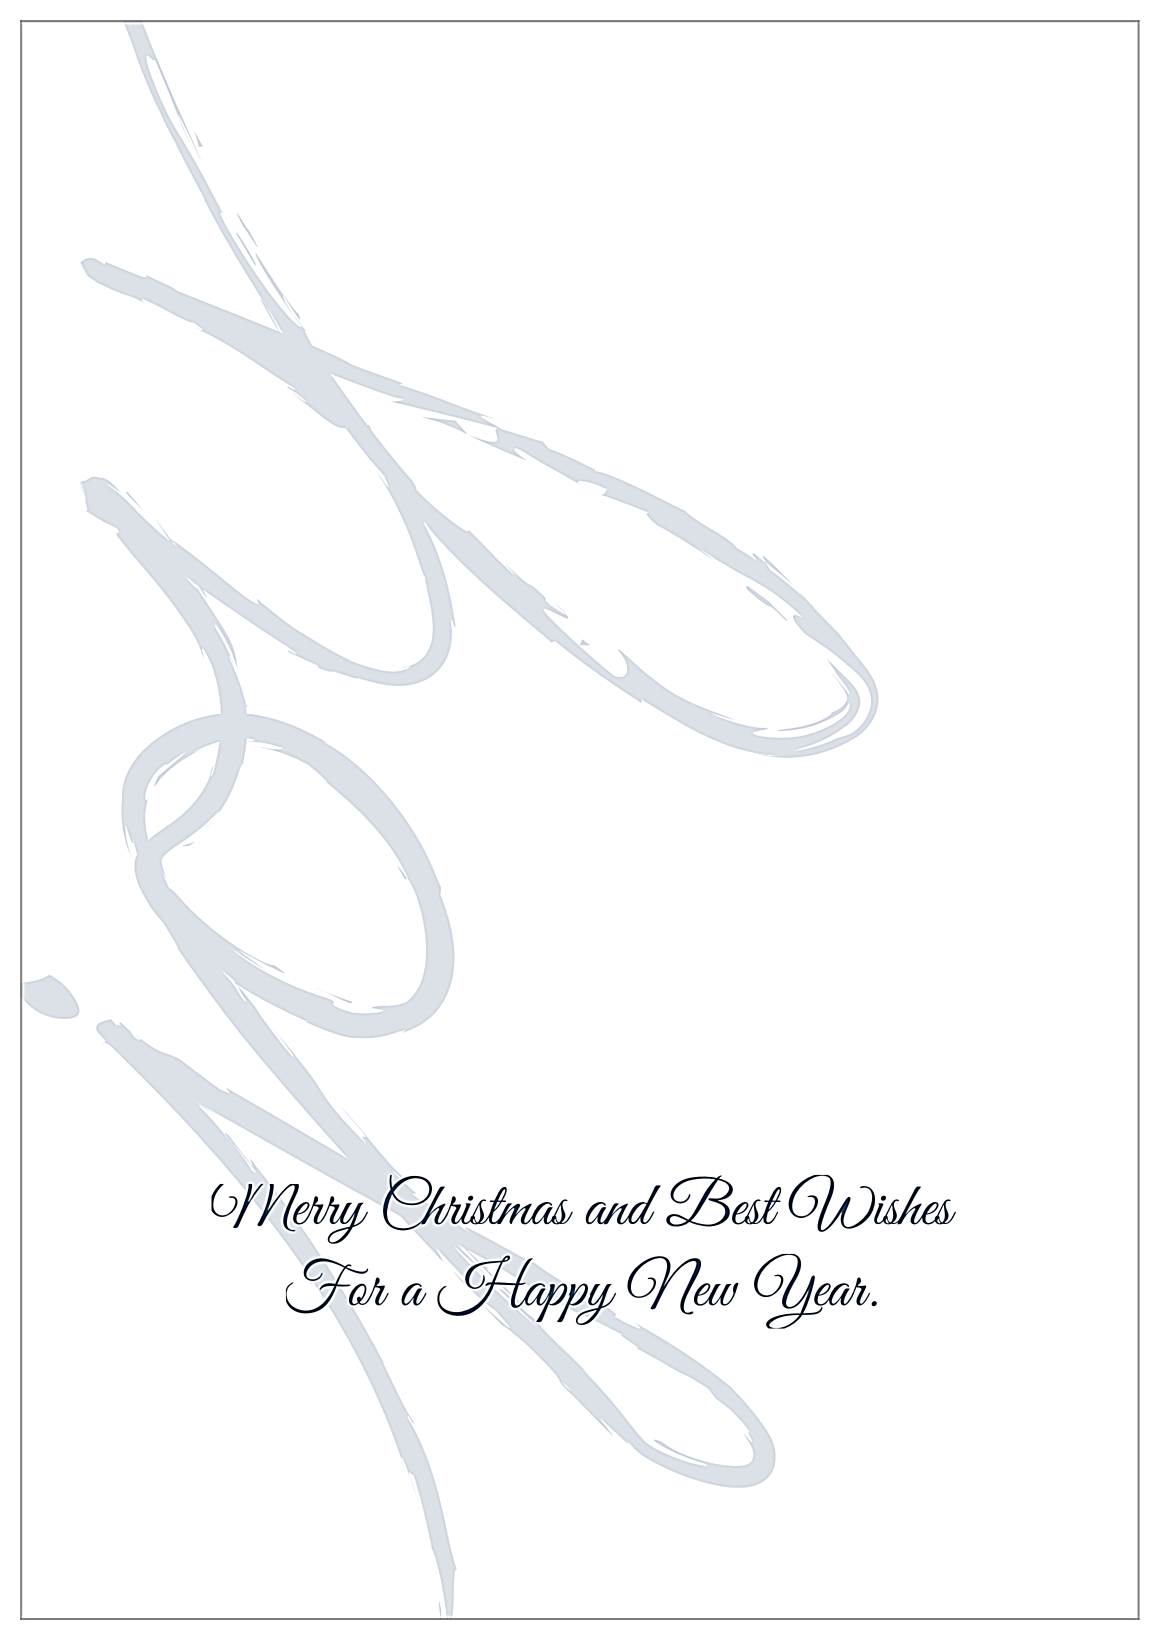 Joyful, Joyful back - Greeting Cards Maker